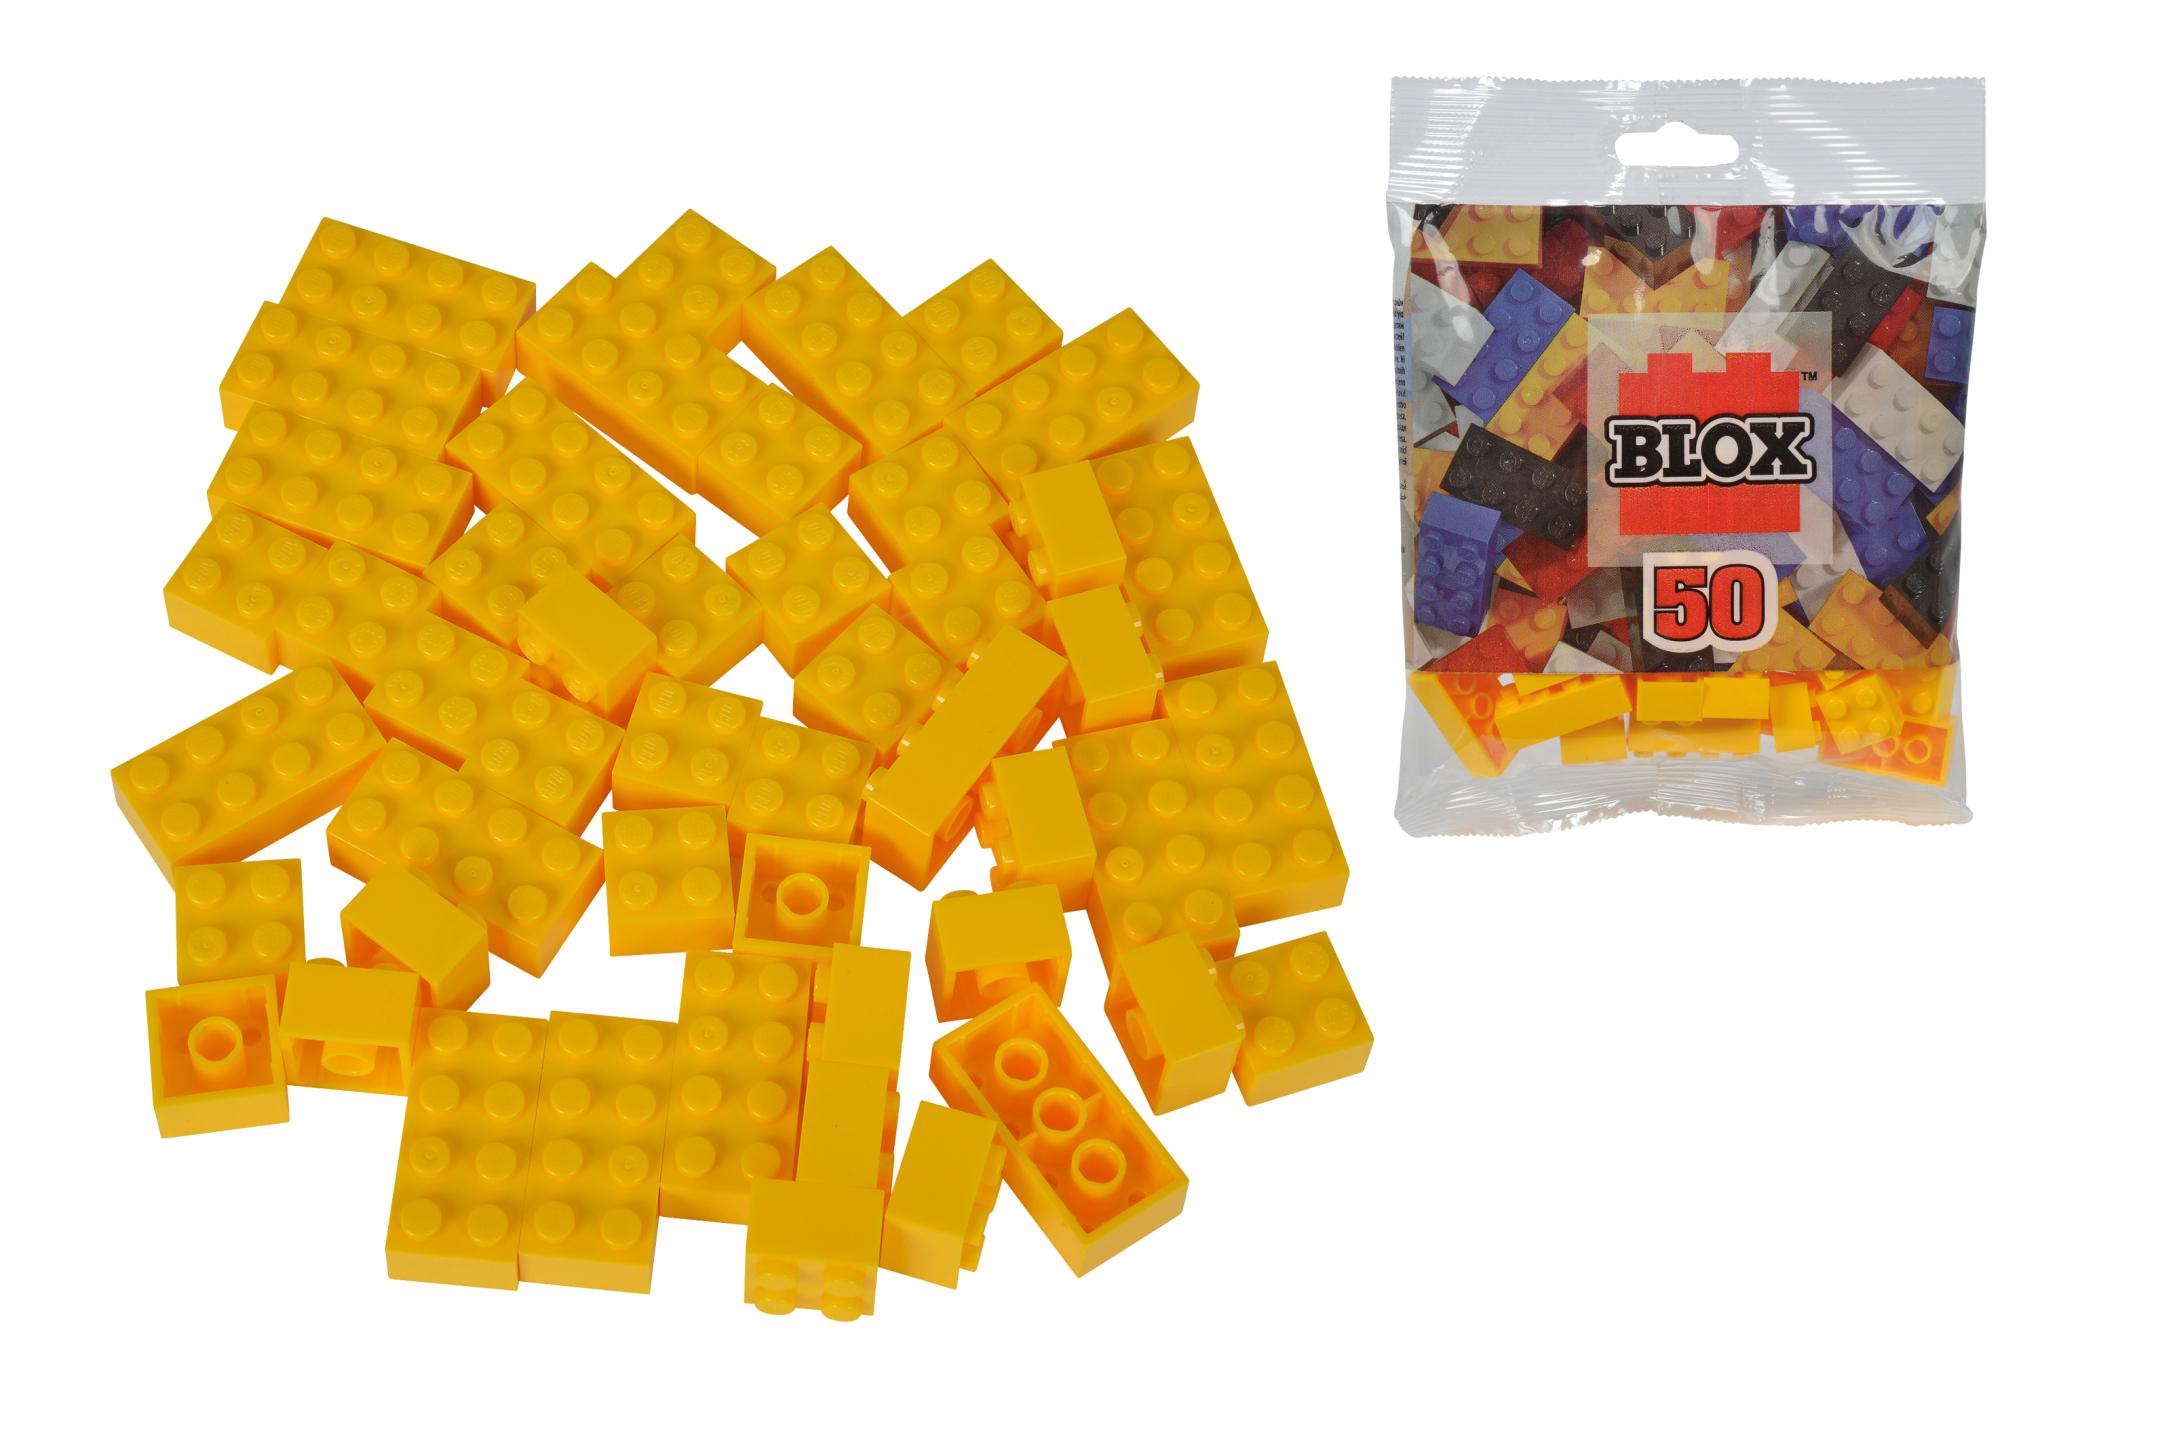 Blox 50 gelbe Steine Beutel